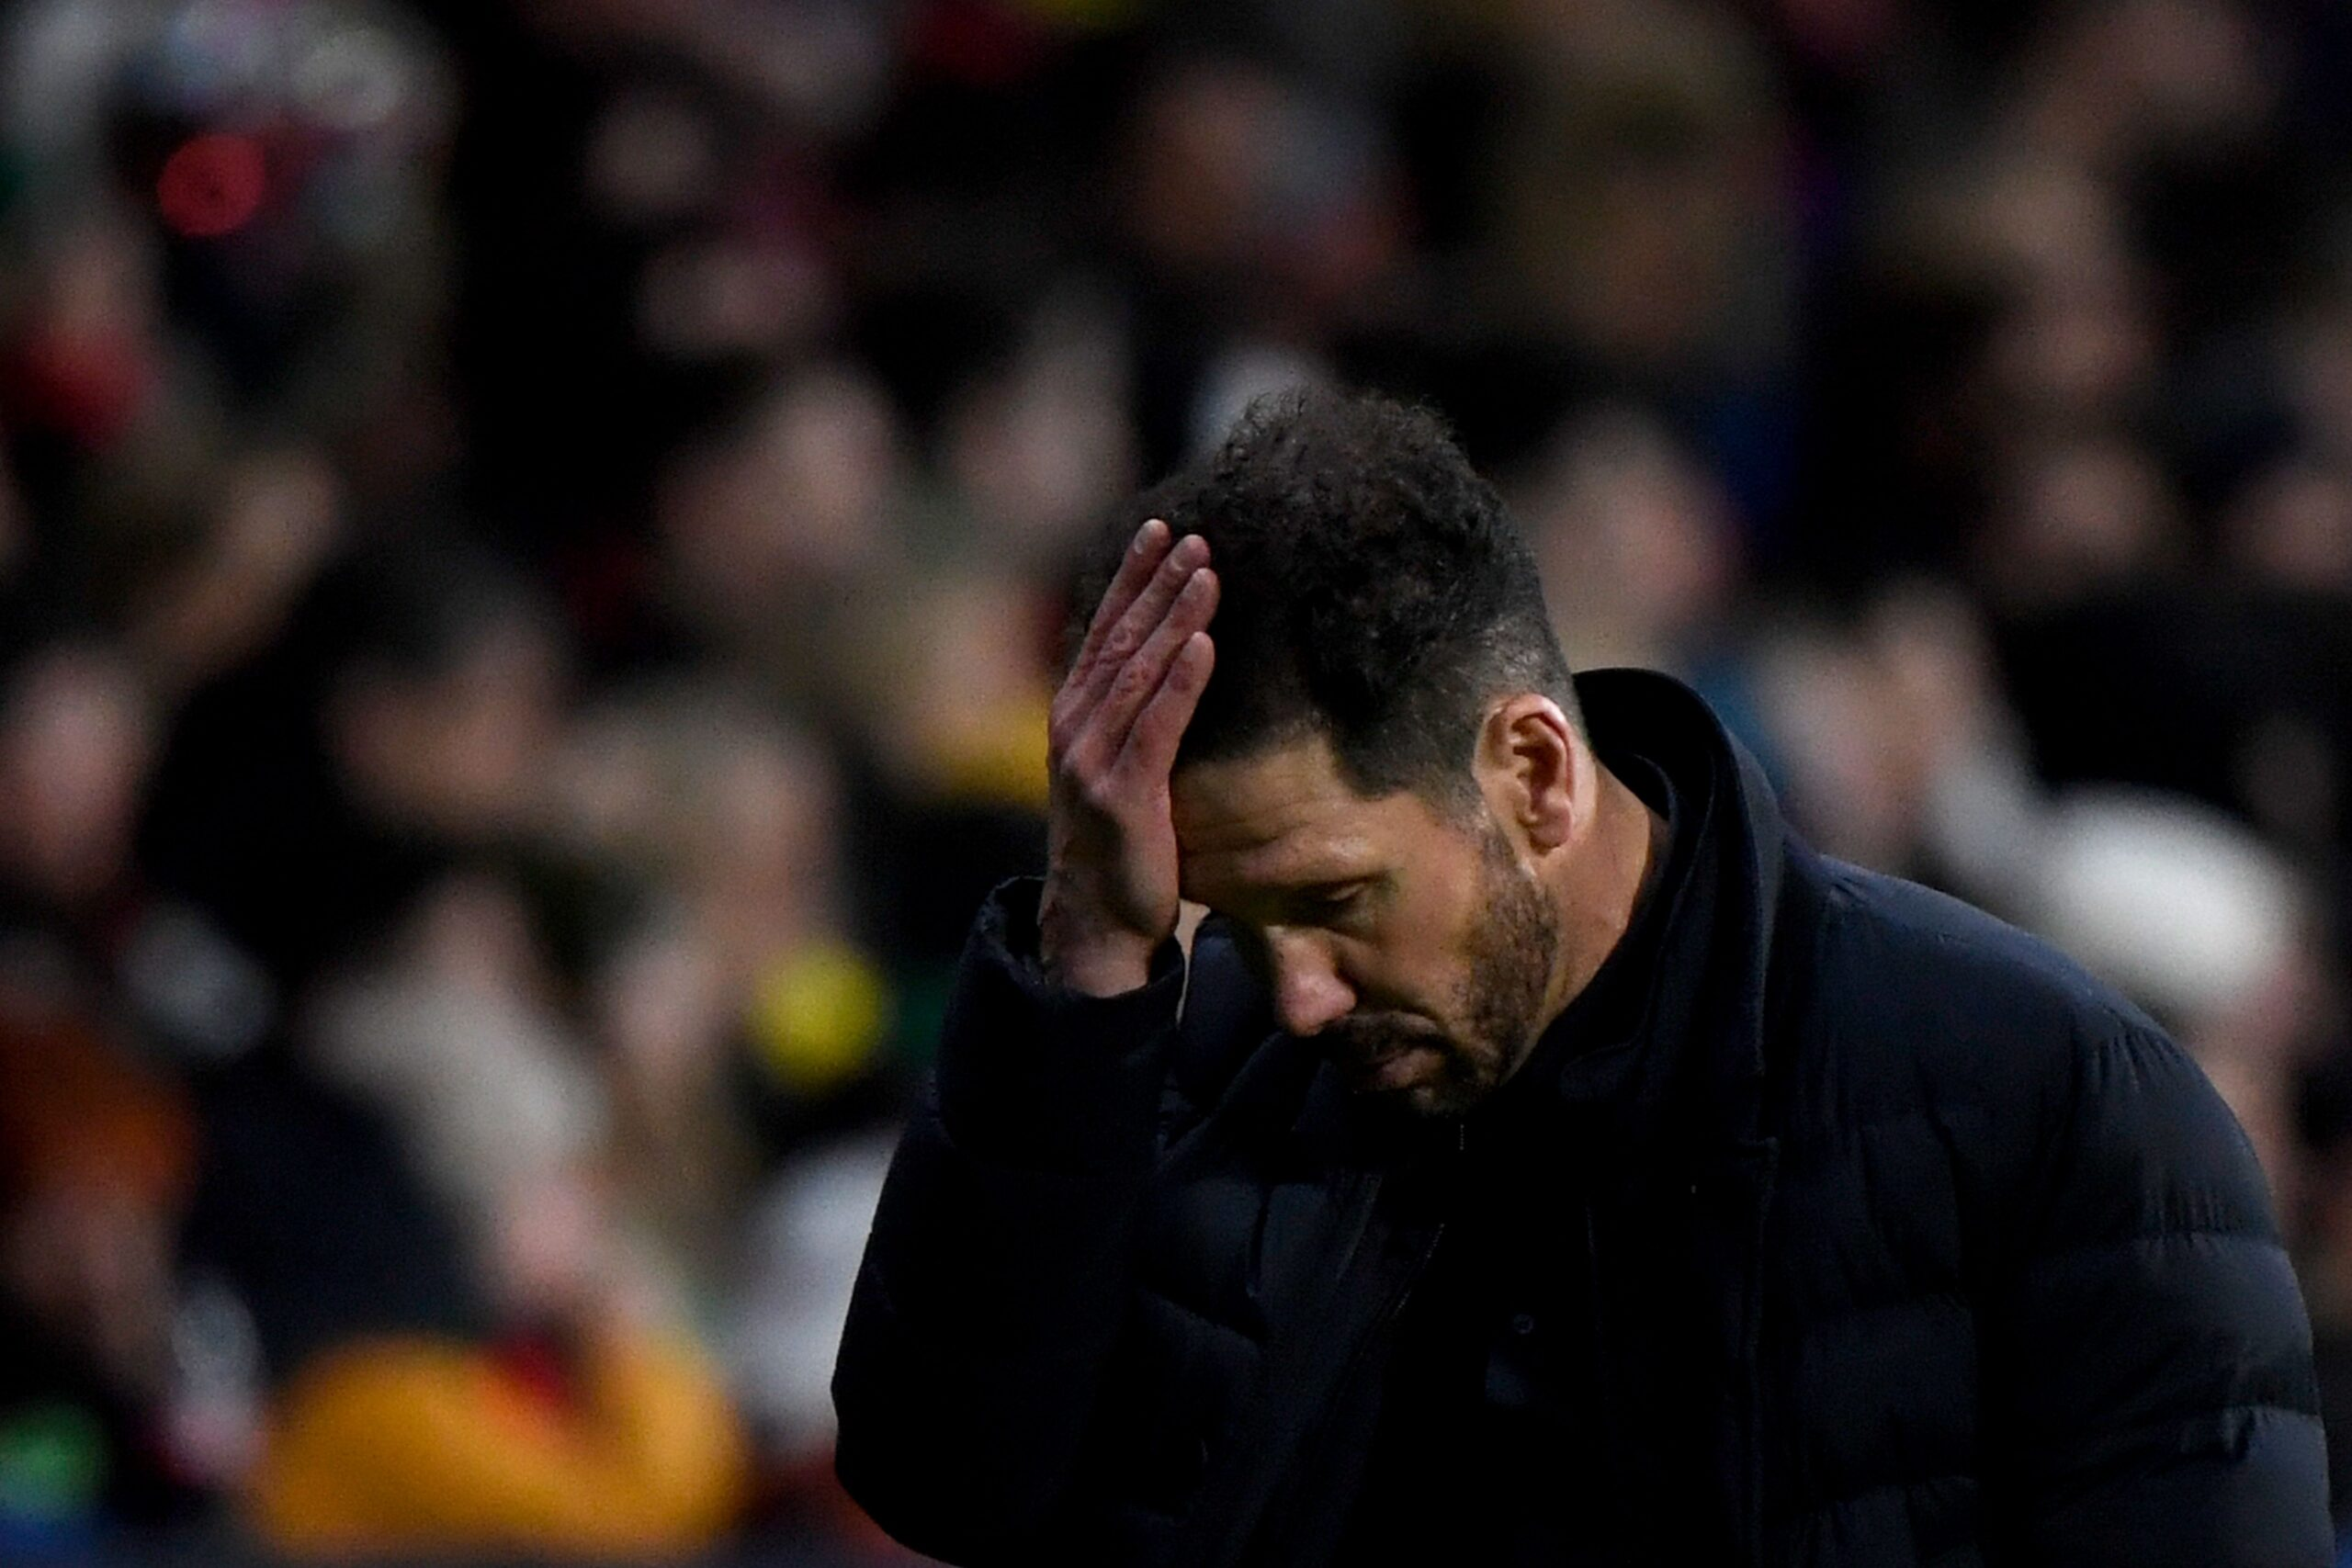 La afición lo tiene claro: le pide esta delantera a Simeone